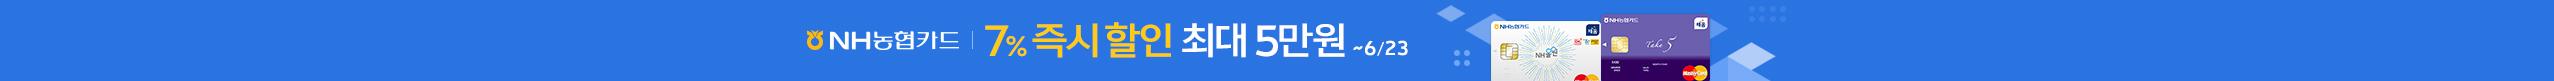 농협카드 즉시할인(6.17~)